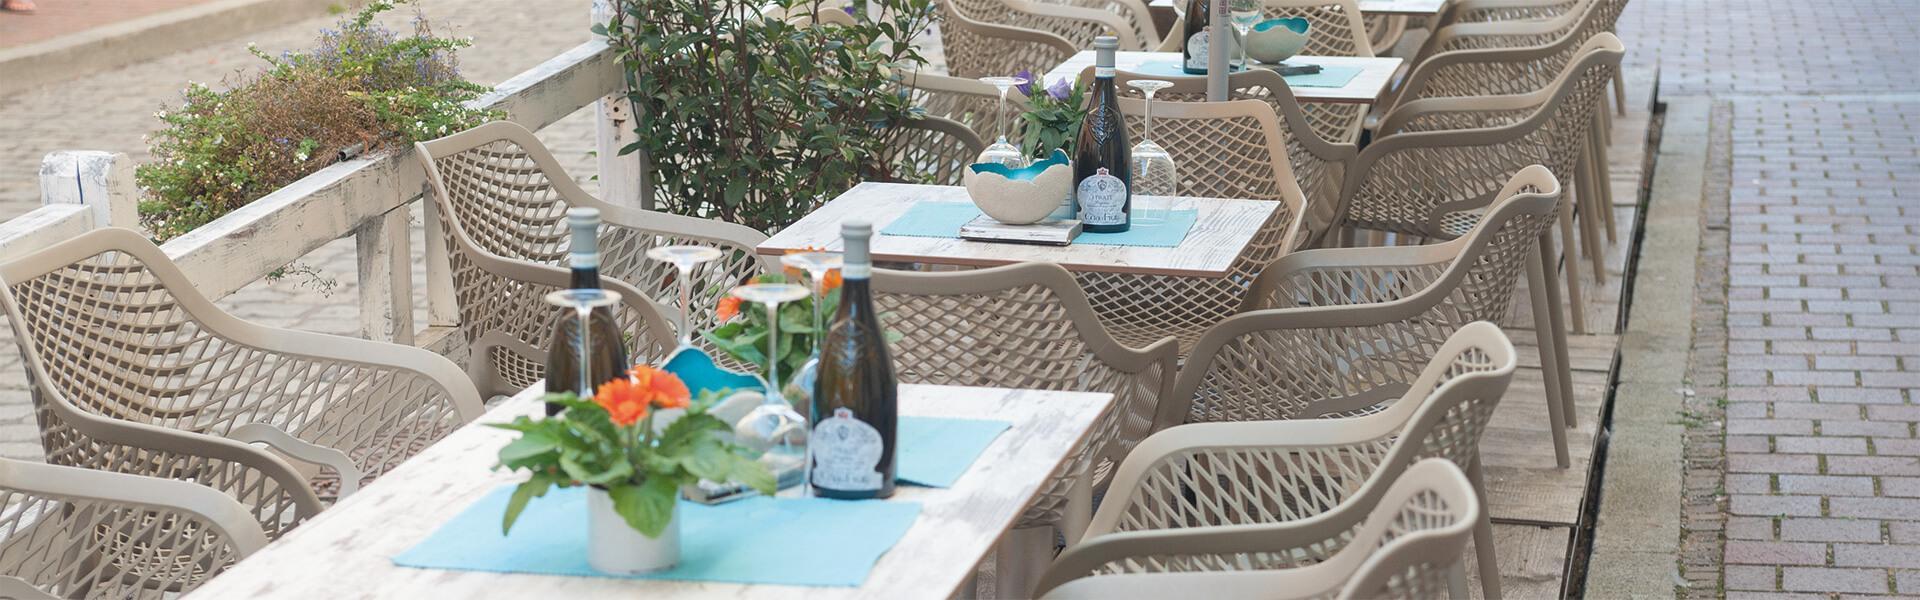 Französische Cafe Stühle